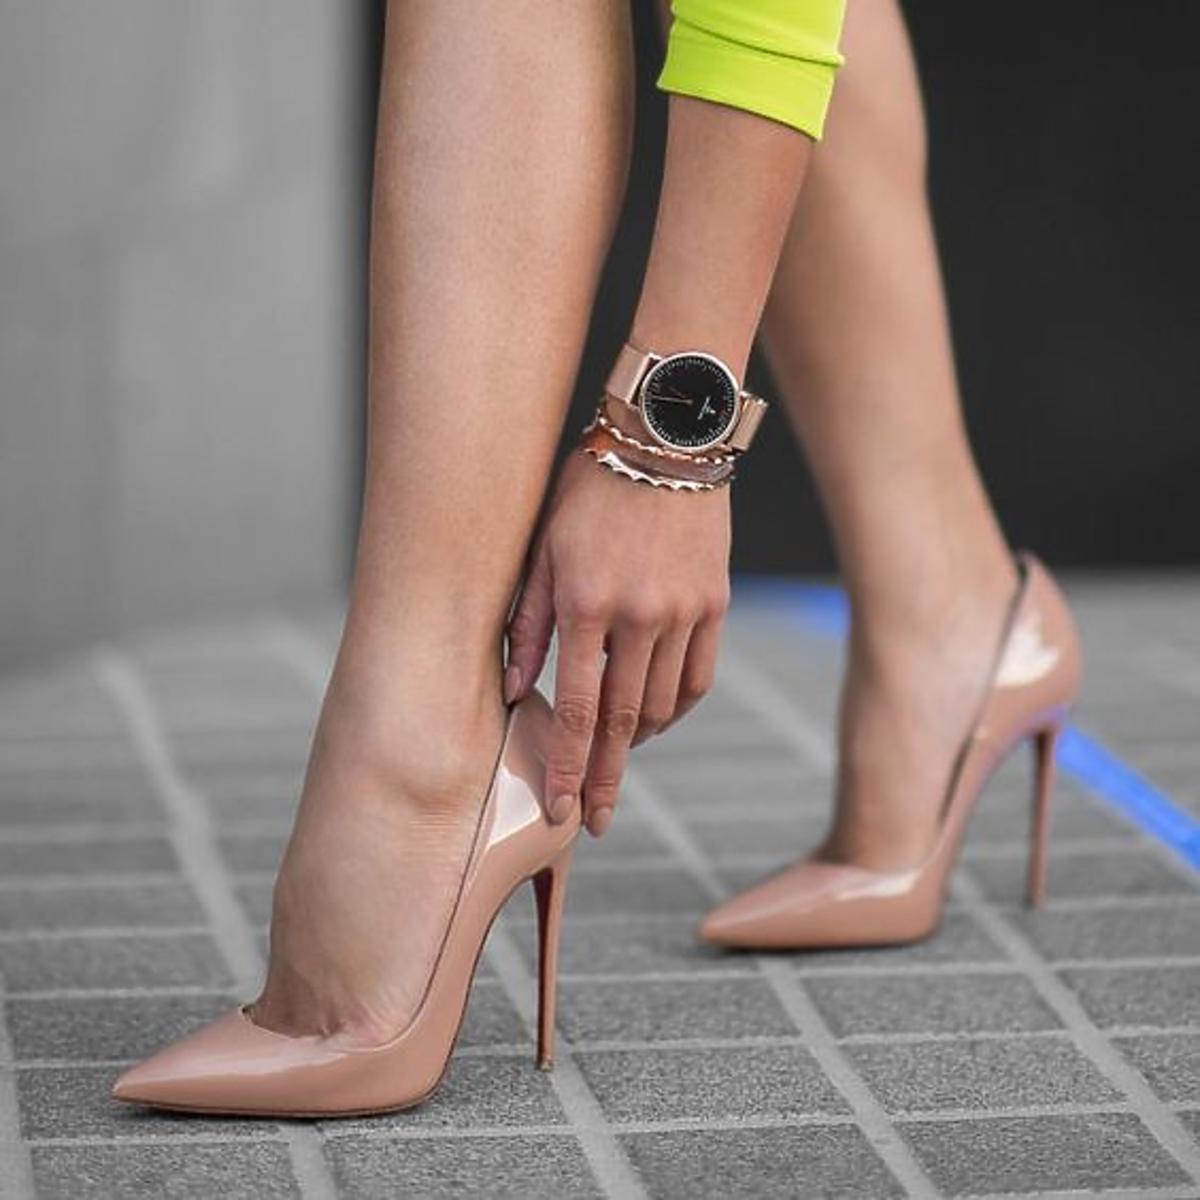 Jakie Buty Wydluzaja Nogi 3 Modele Ktore Warto Miec W Swojej Kolekcji